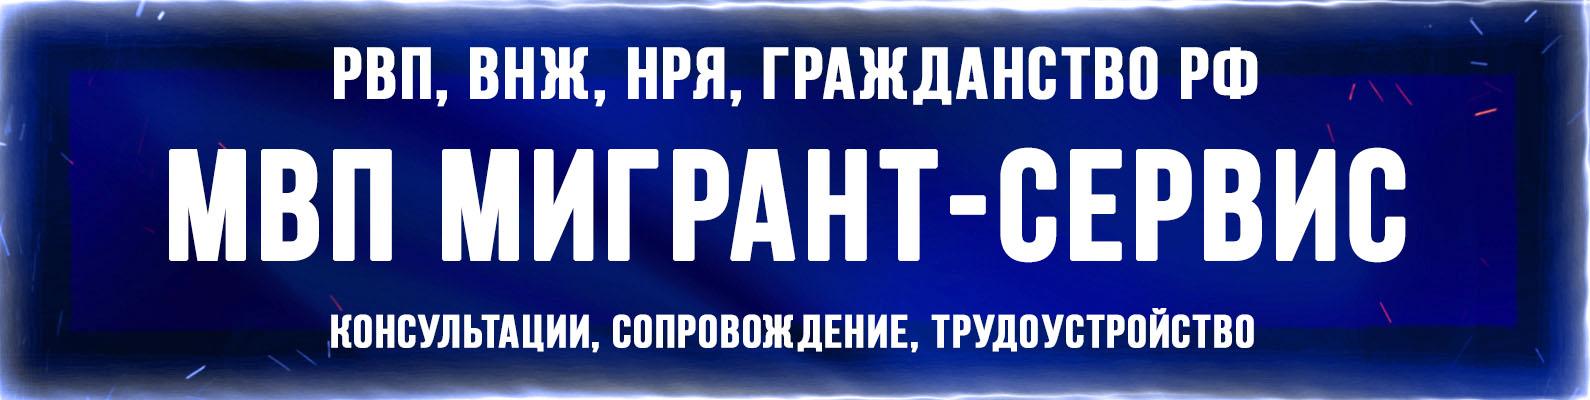 Медицинская книжка Москва Алтуфьевский алексеевская